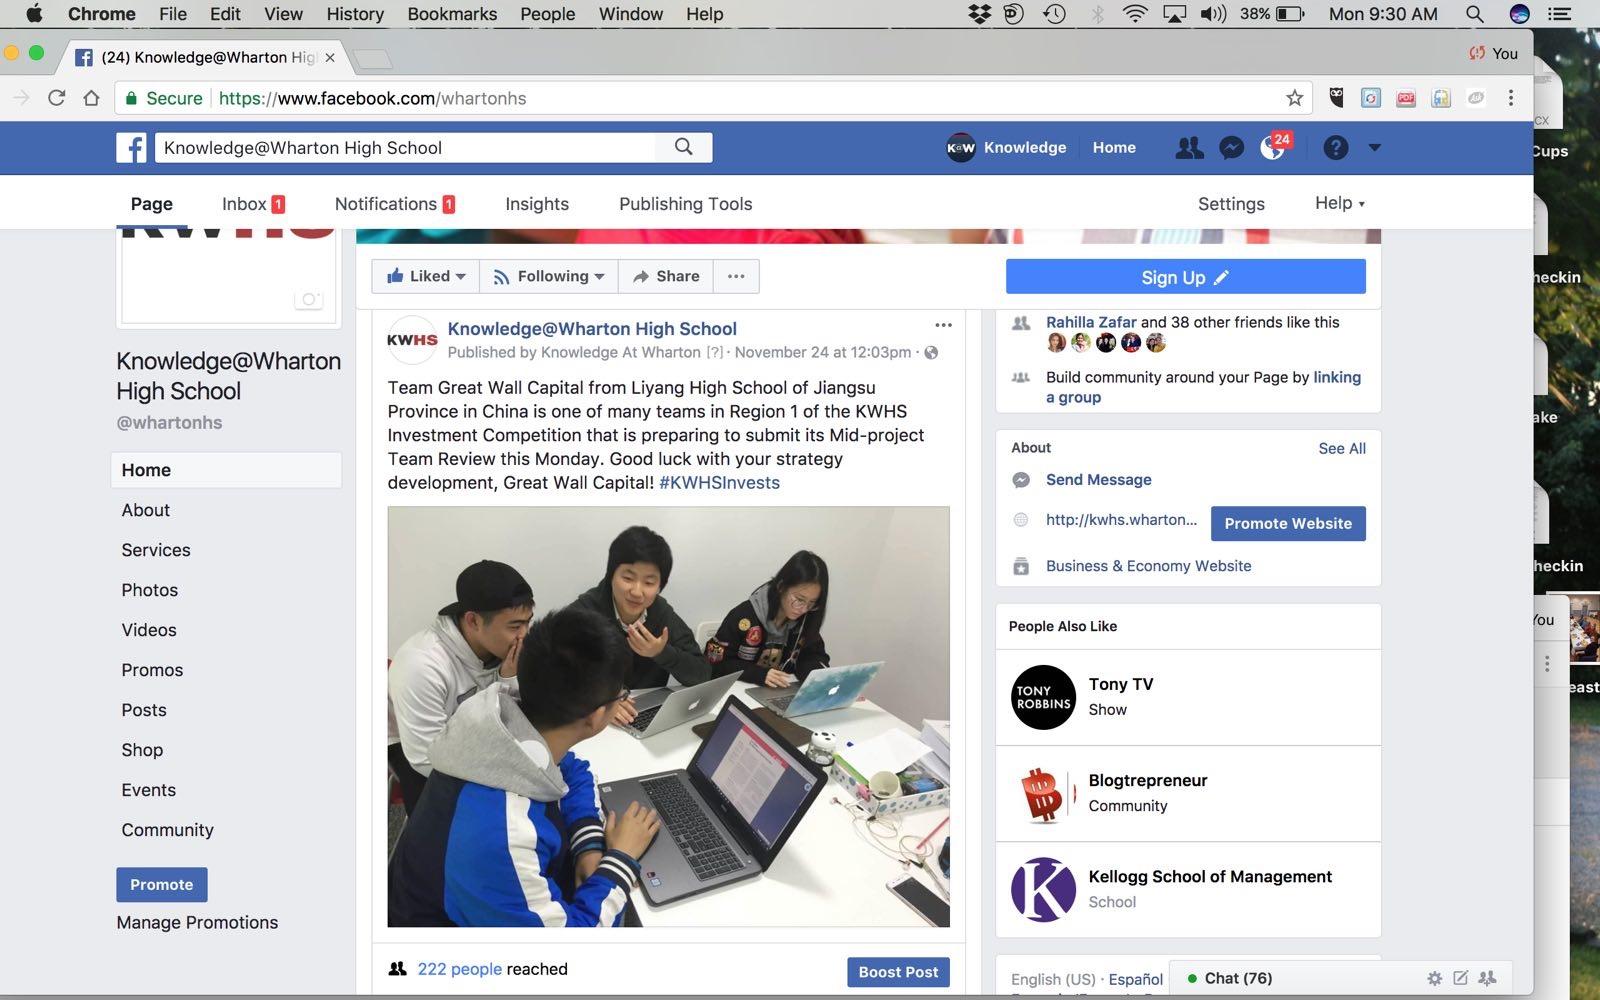 KWHS-liyangonFacebook2017.jpg